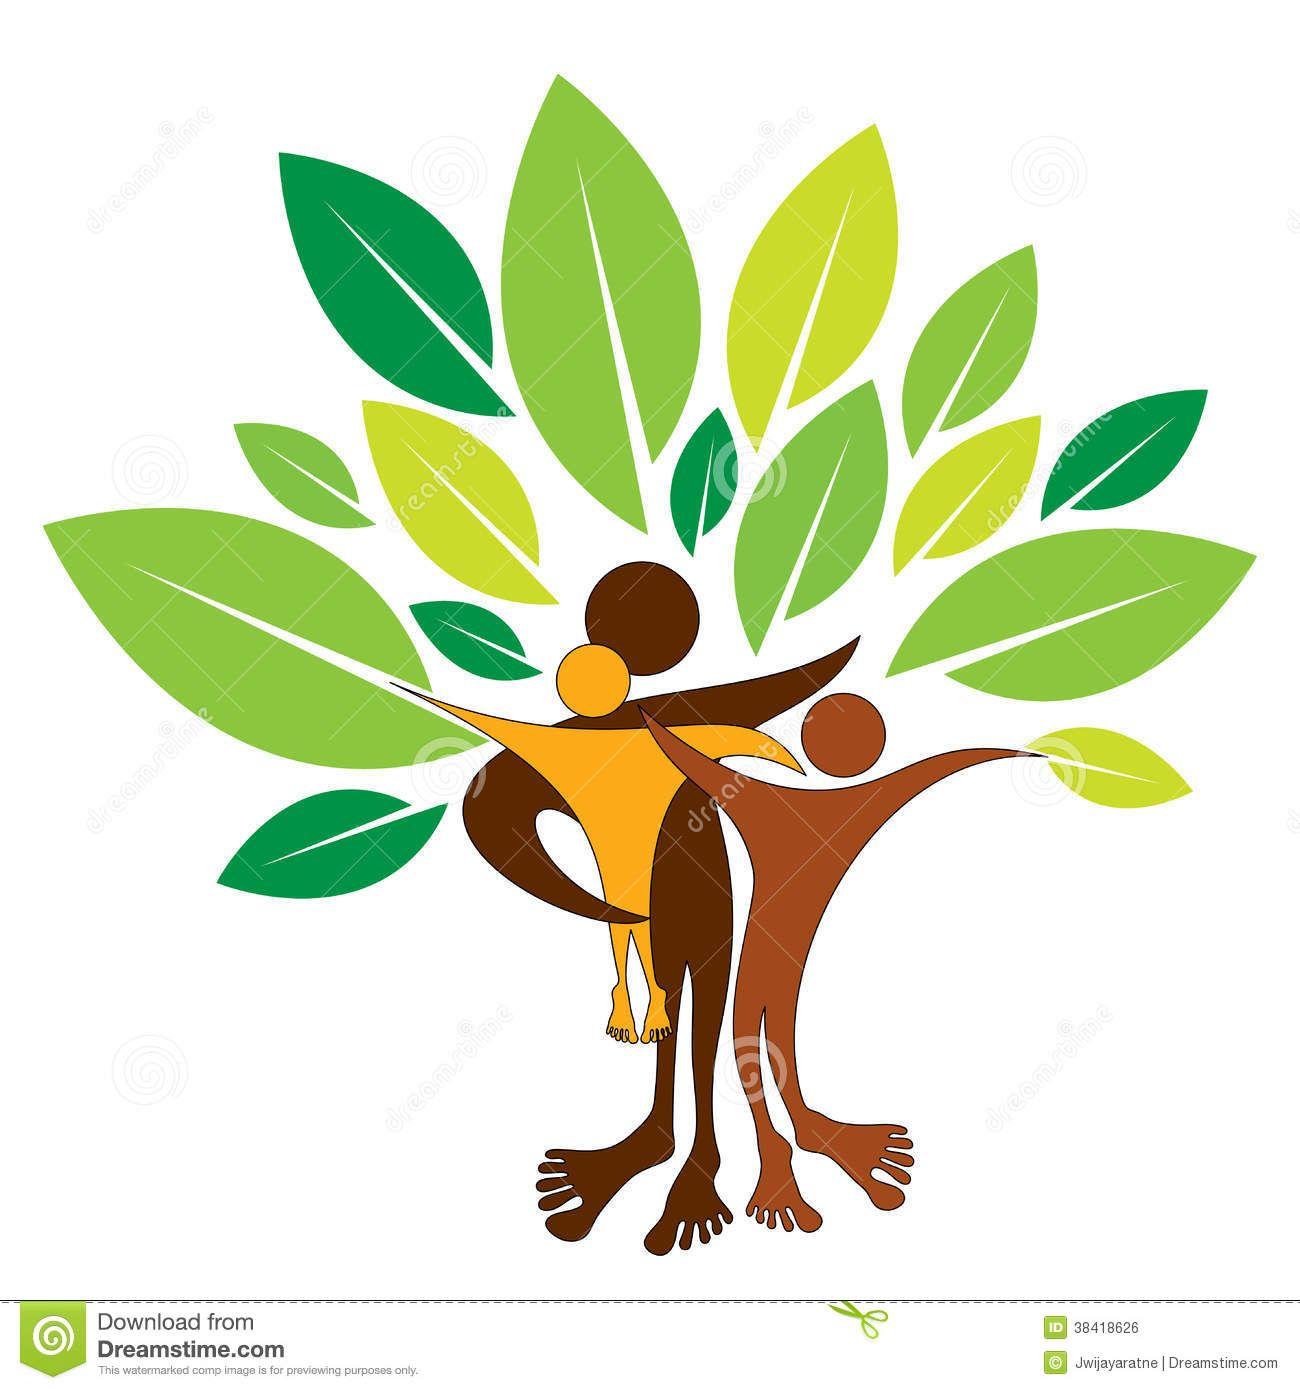 Logotipo del rbol de familia 1 300 1 390 for Family picture design